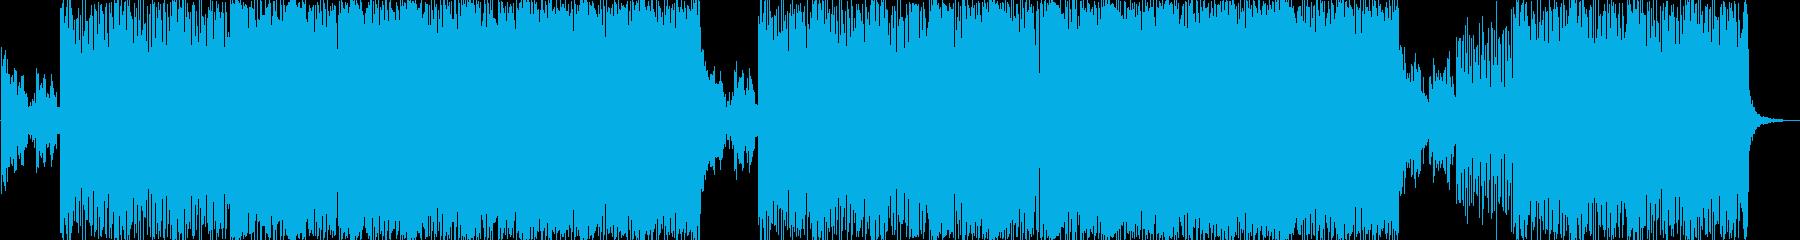 未来的なエレクトロとピアノ 映像向けの再生済みの波形